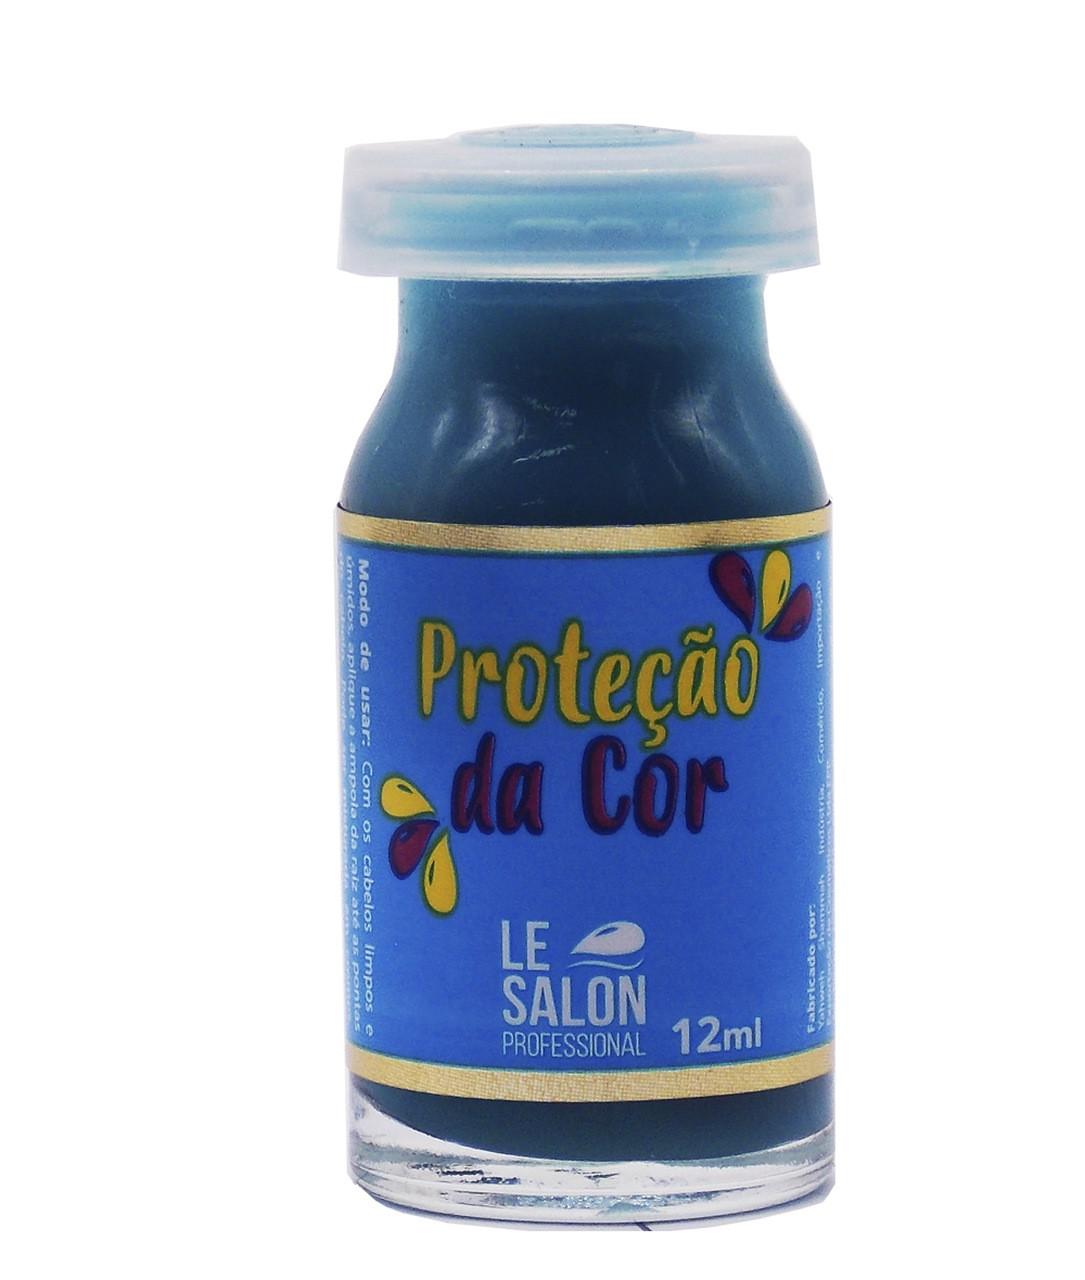 PROTEÇÃO DA COR AMPOLA LE SALON - KIT C/ 3 UNIDADES